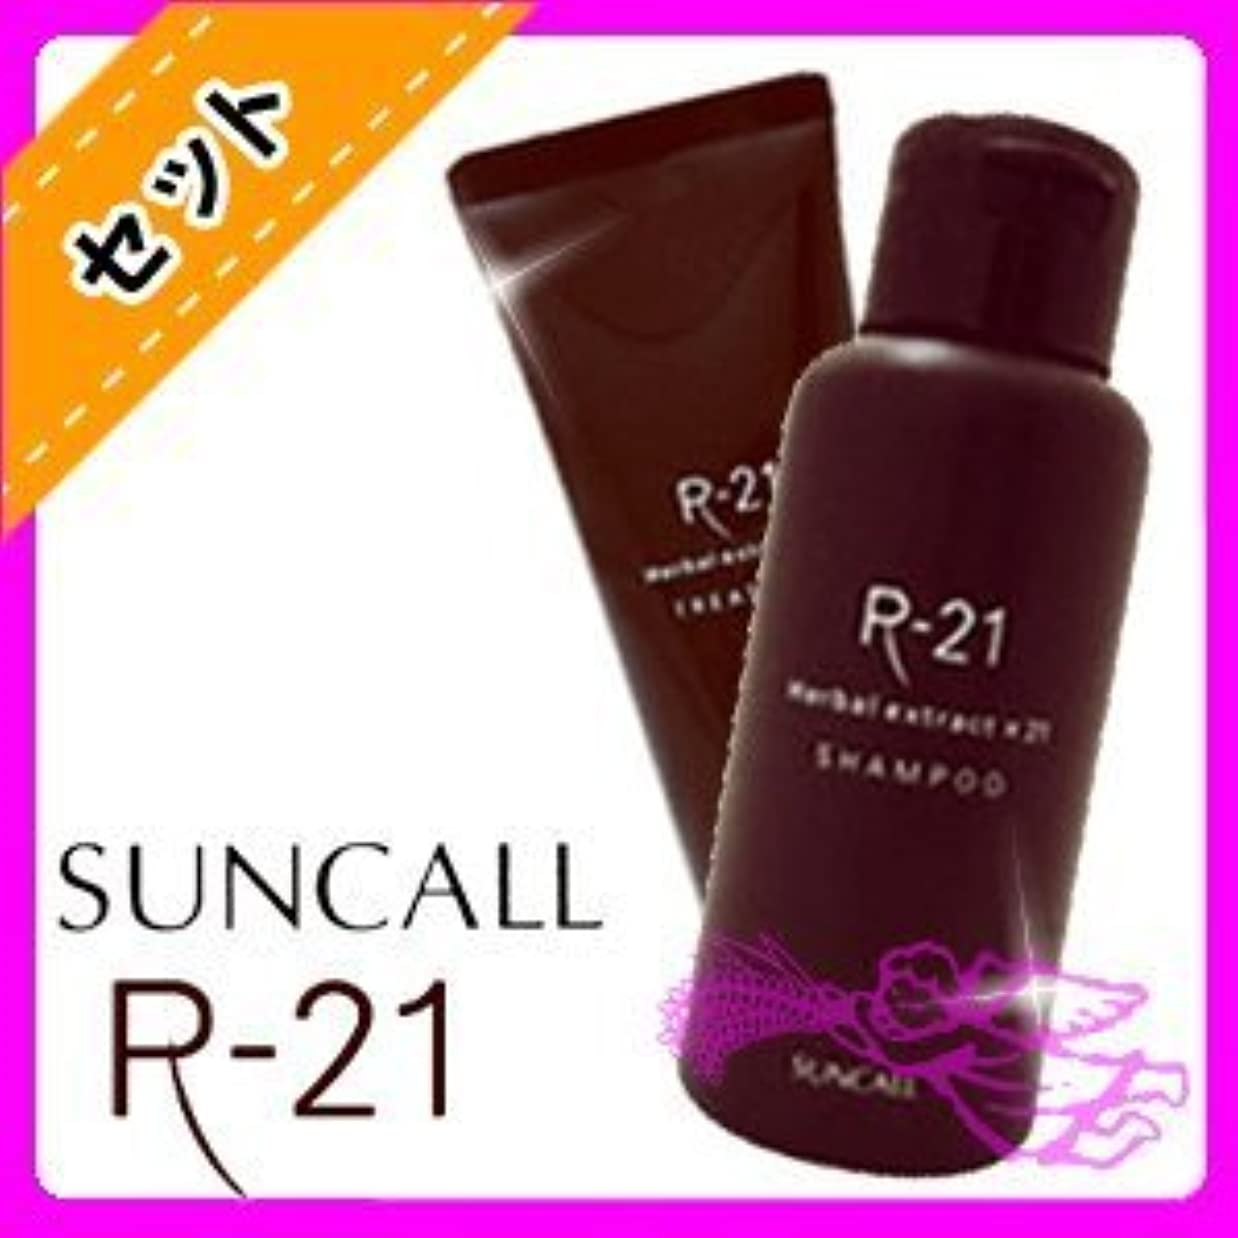 離れて寛容なコンチネンタルサンコール R-21 シャンプー 50mL & トリートメント 50g セット 頭皮の汚れを除去し、髪にハリ?コシを与えます SUNCALL R-21